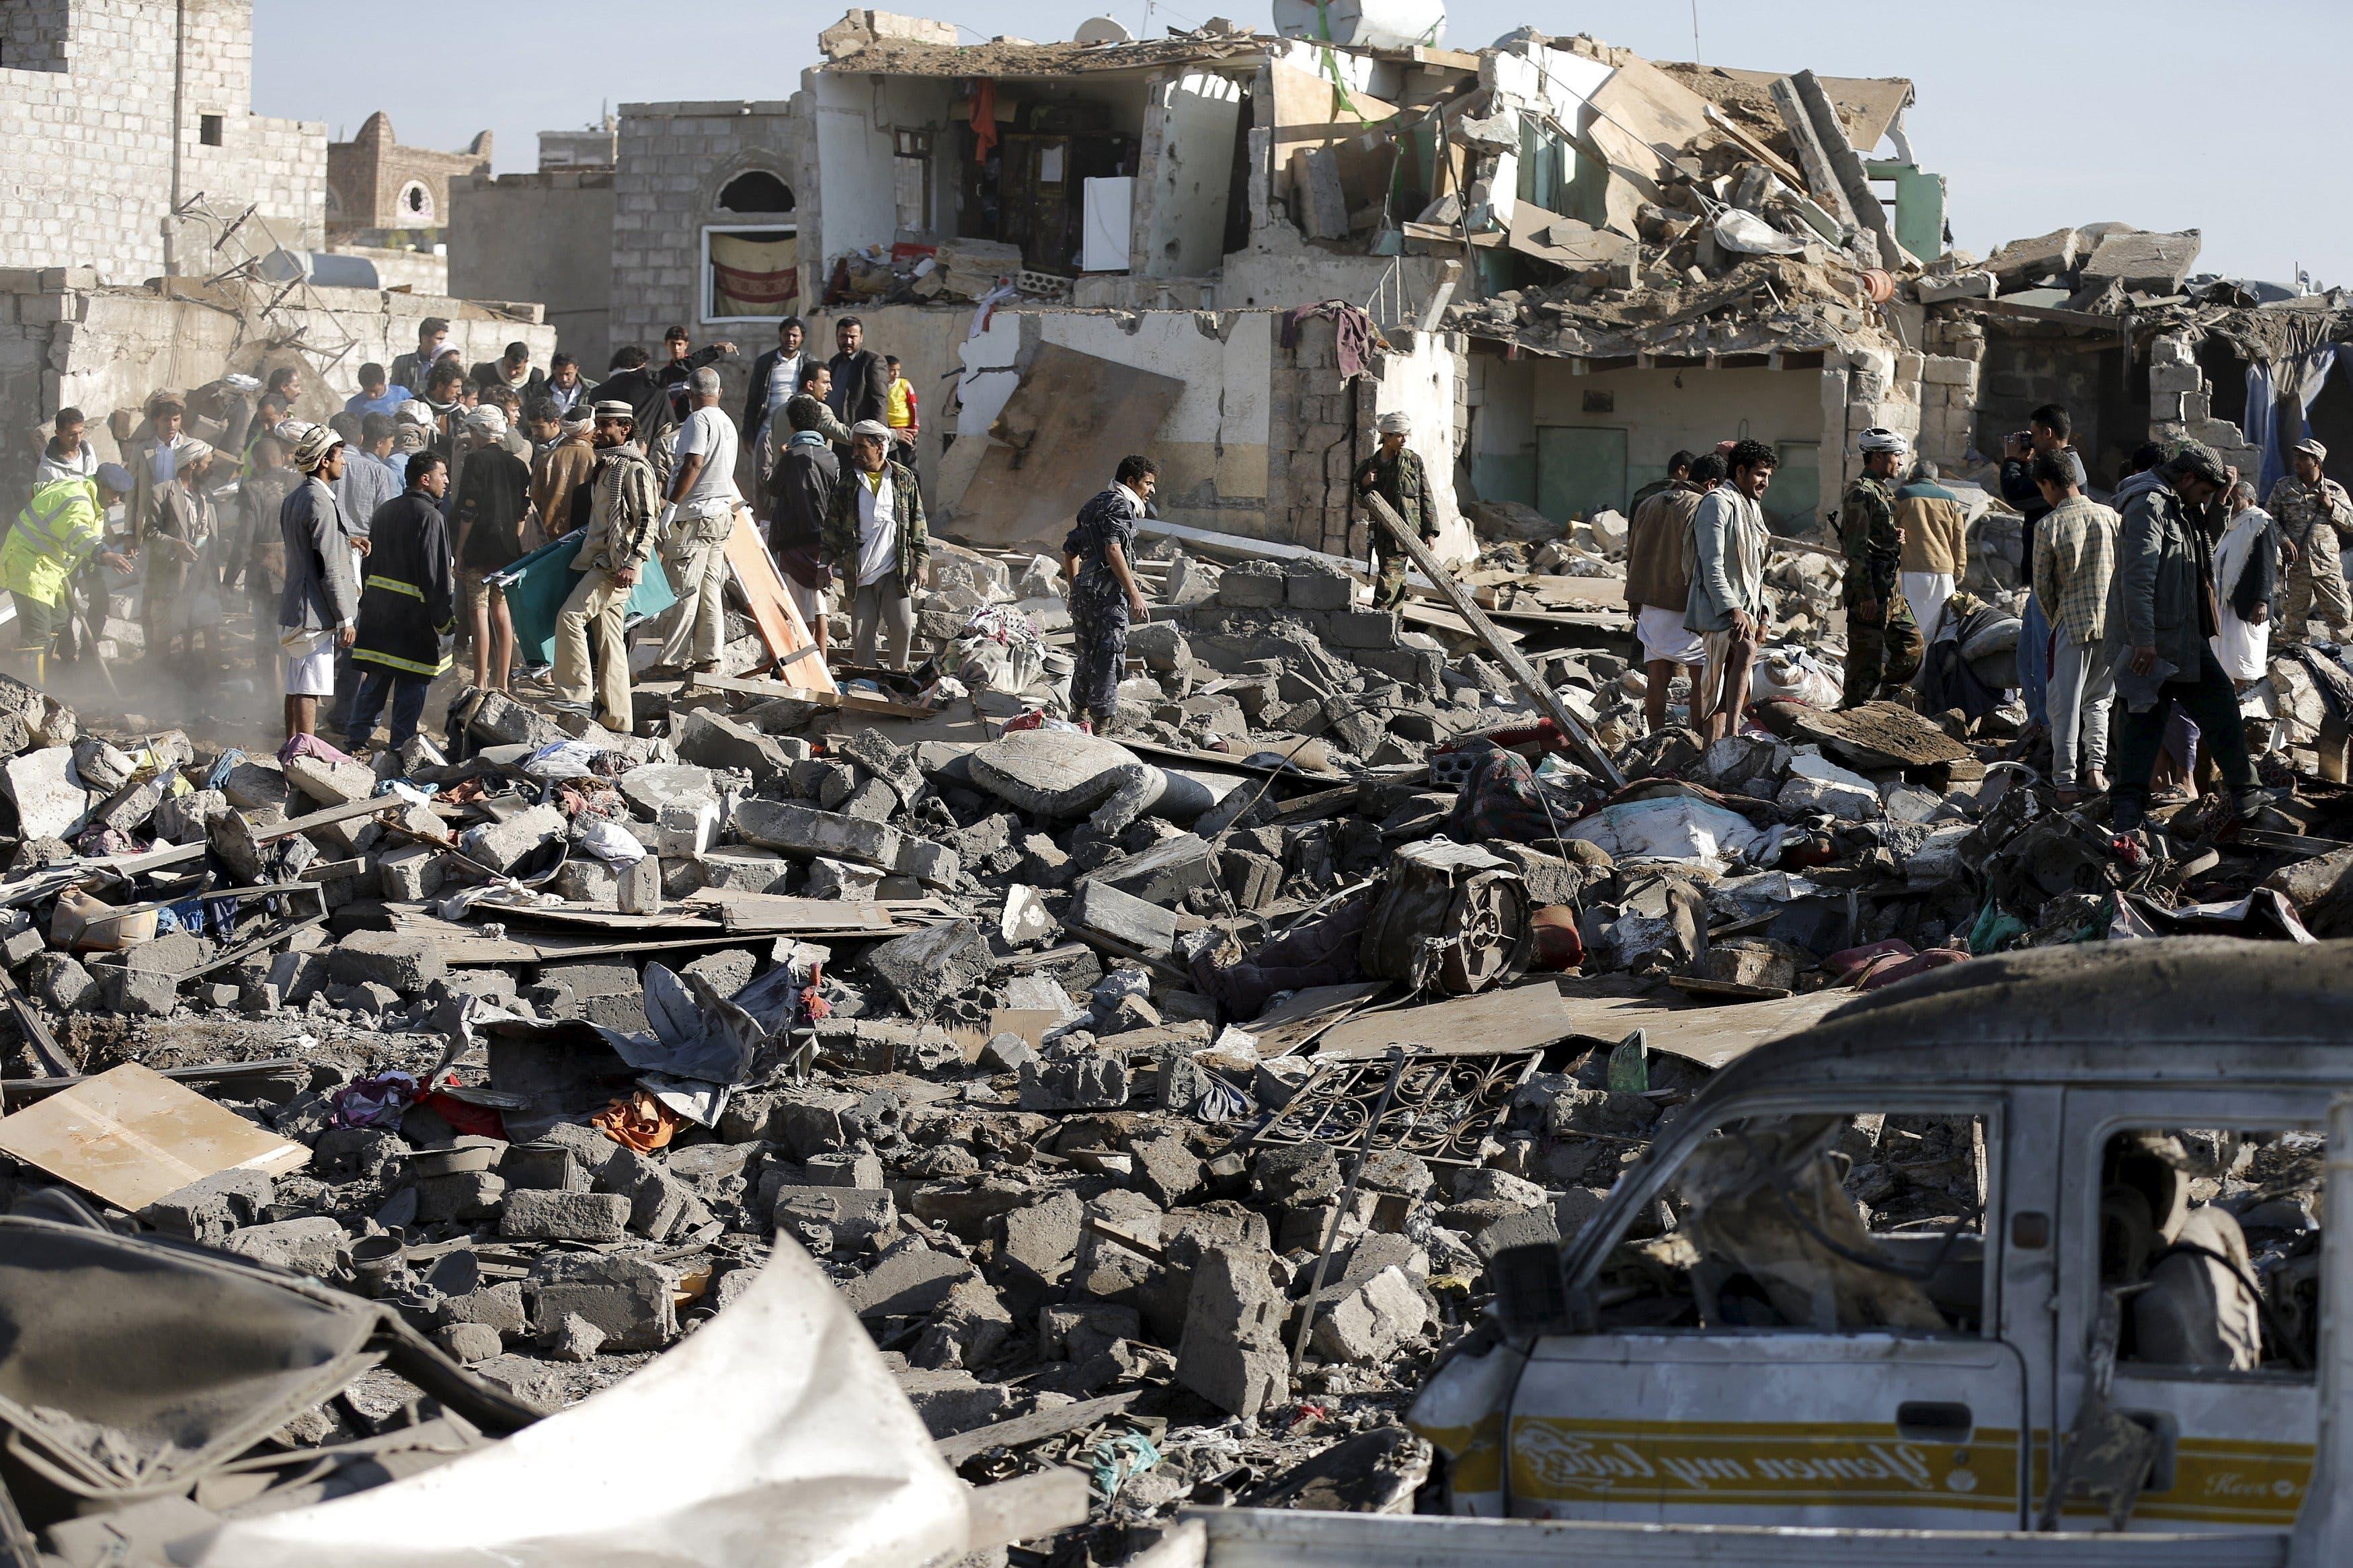 السعودية الحوثيين قياداتهم ac81abe4-ddd4-493b-9